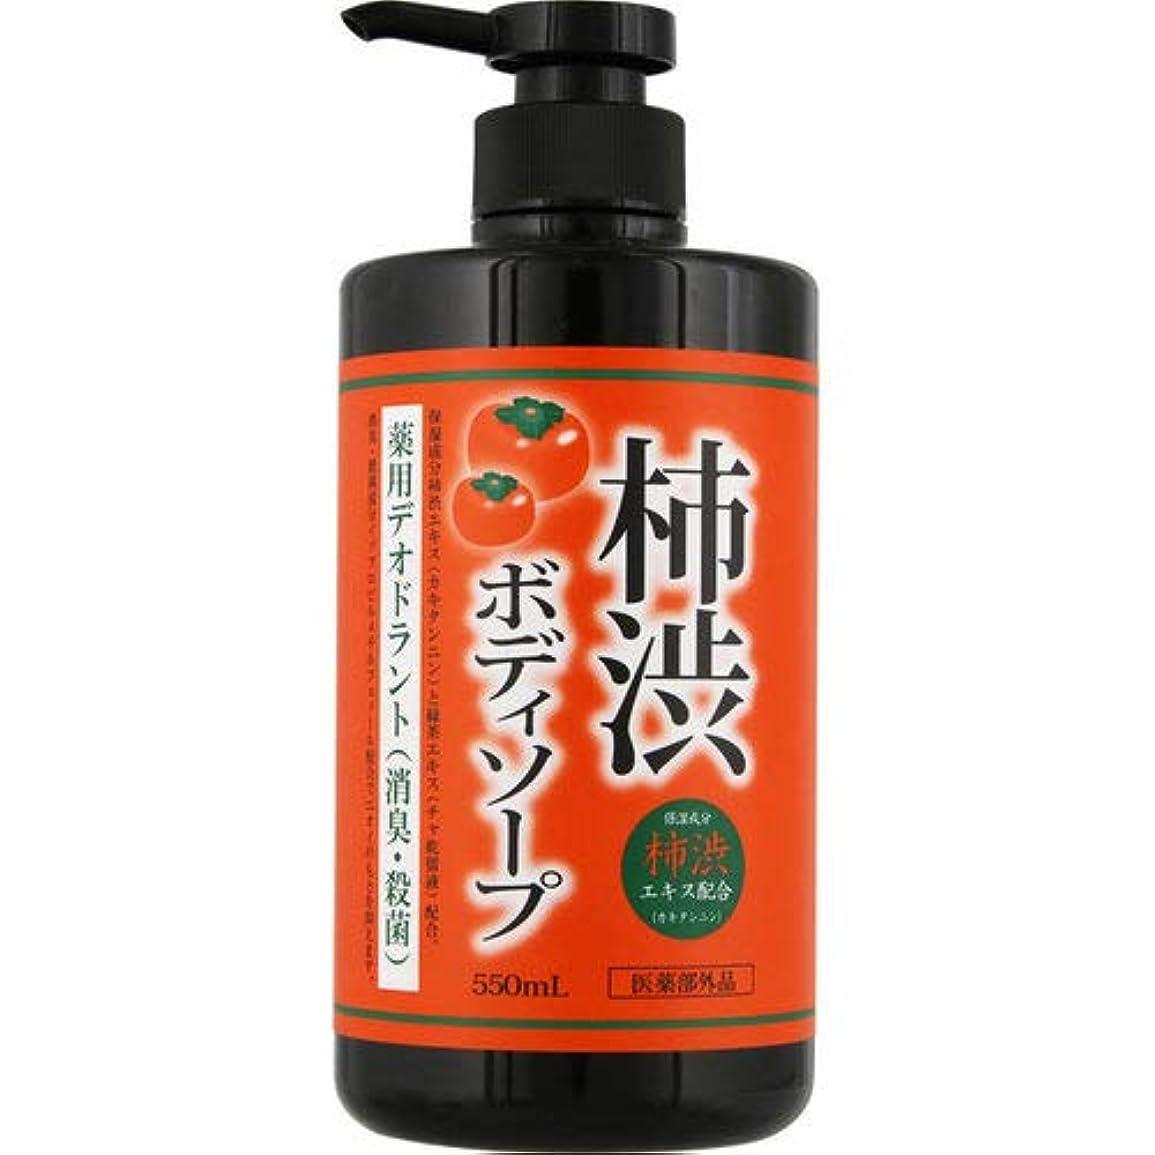 クモトーク充電薬用 柿渋ボディソープ 550ml[医薬部外品]